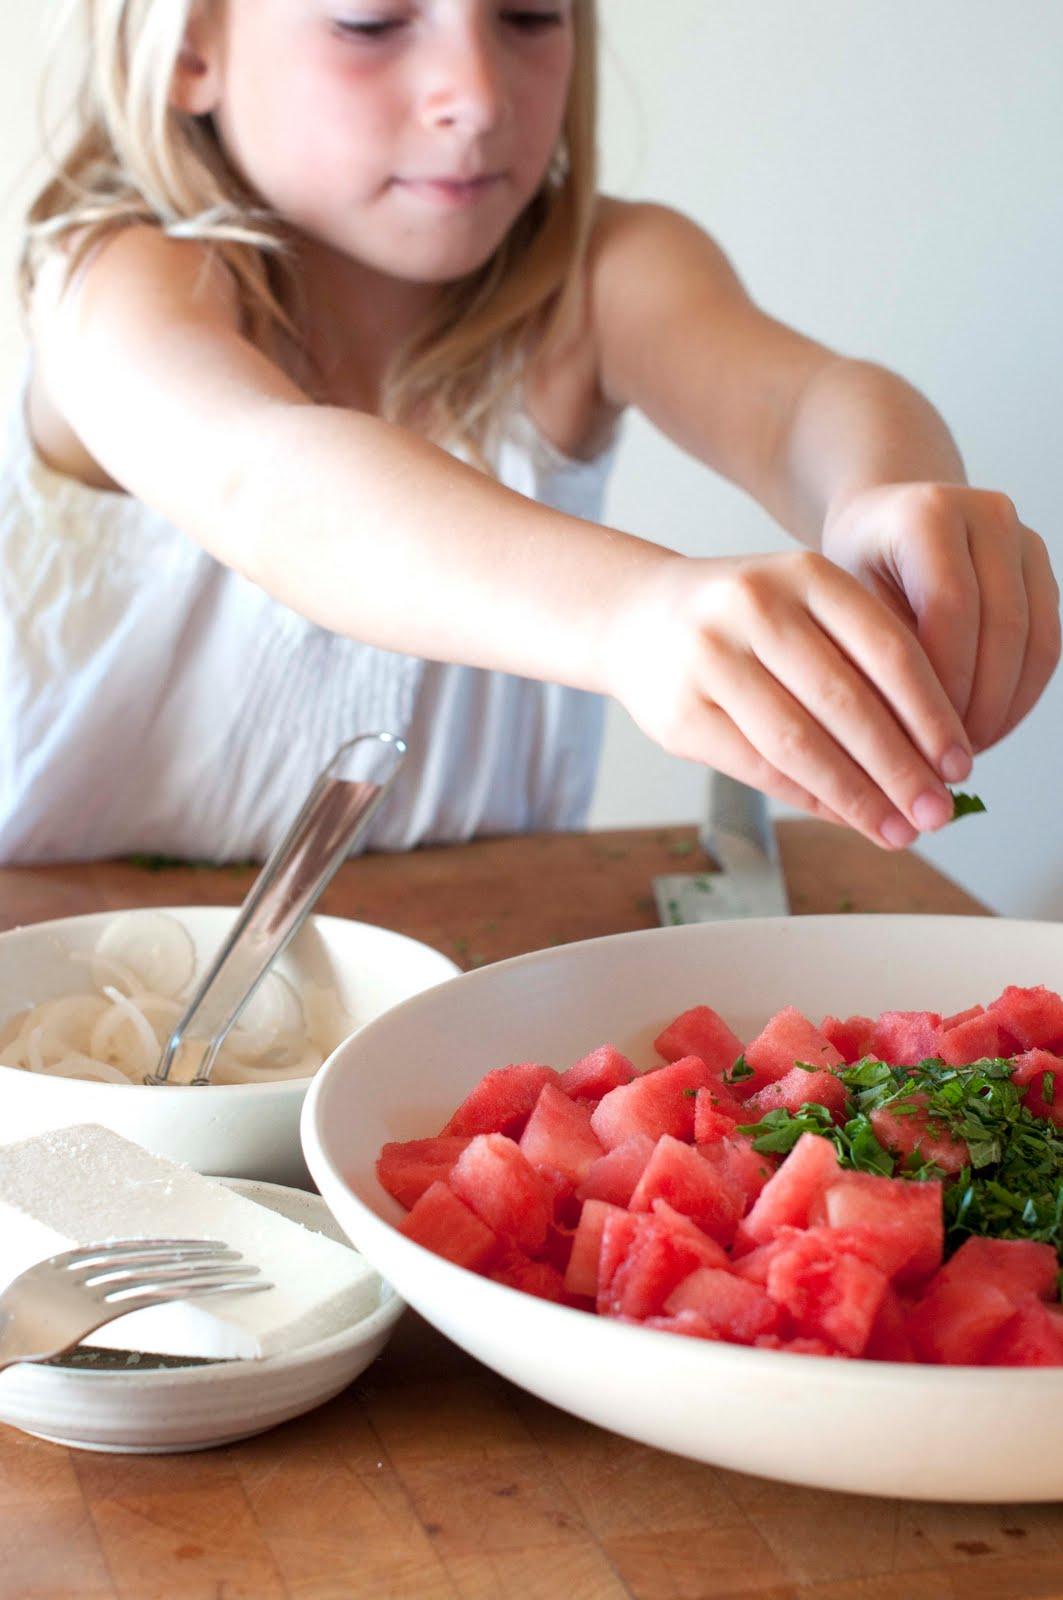 http://1.bp.blogspot.com/_3vOOaNlXe4Y/TFh9u7HLHGI/AAAAAAAACCI/OZ_qkSK9_Oc/s1600/watermelon5.jpg